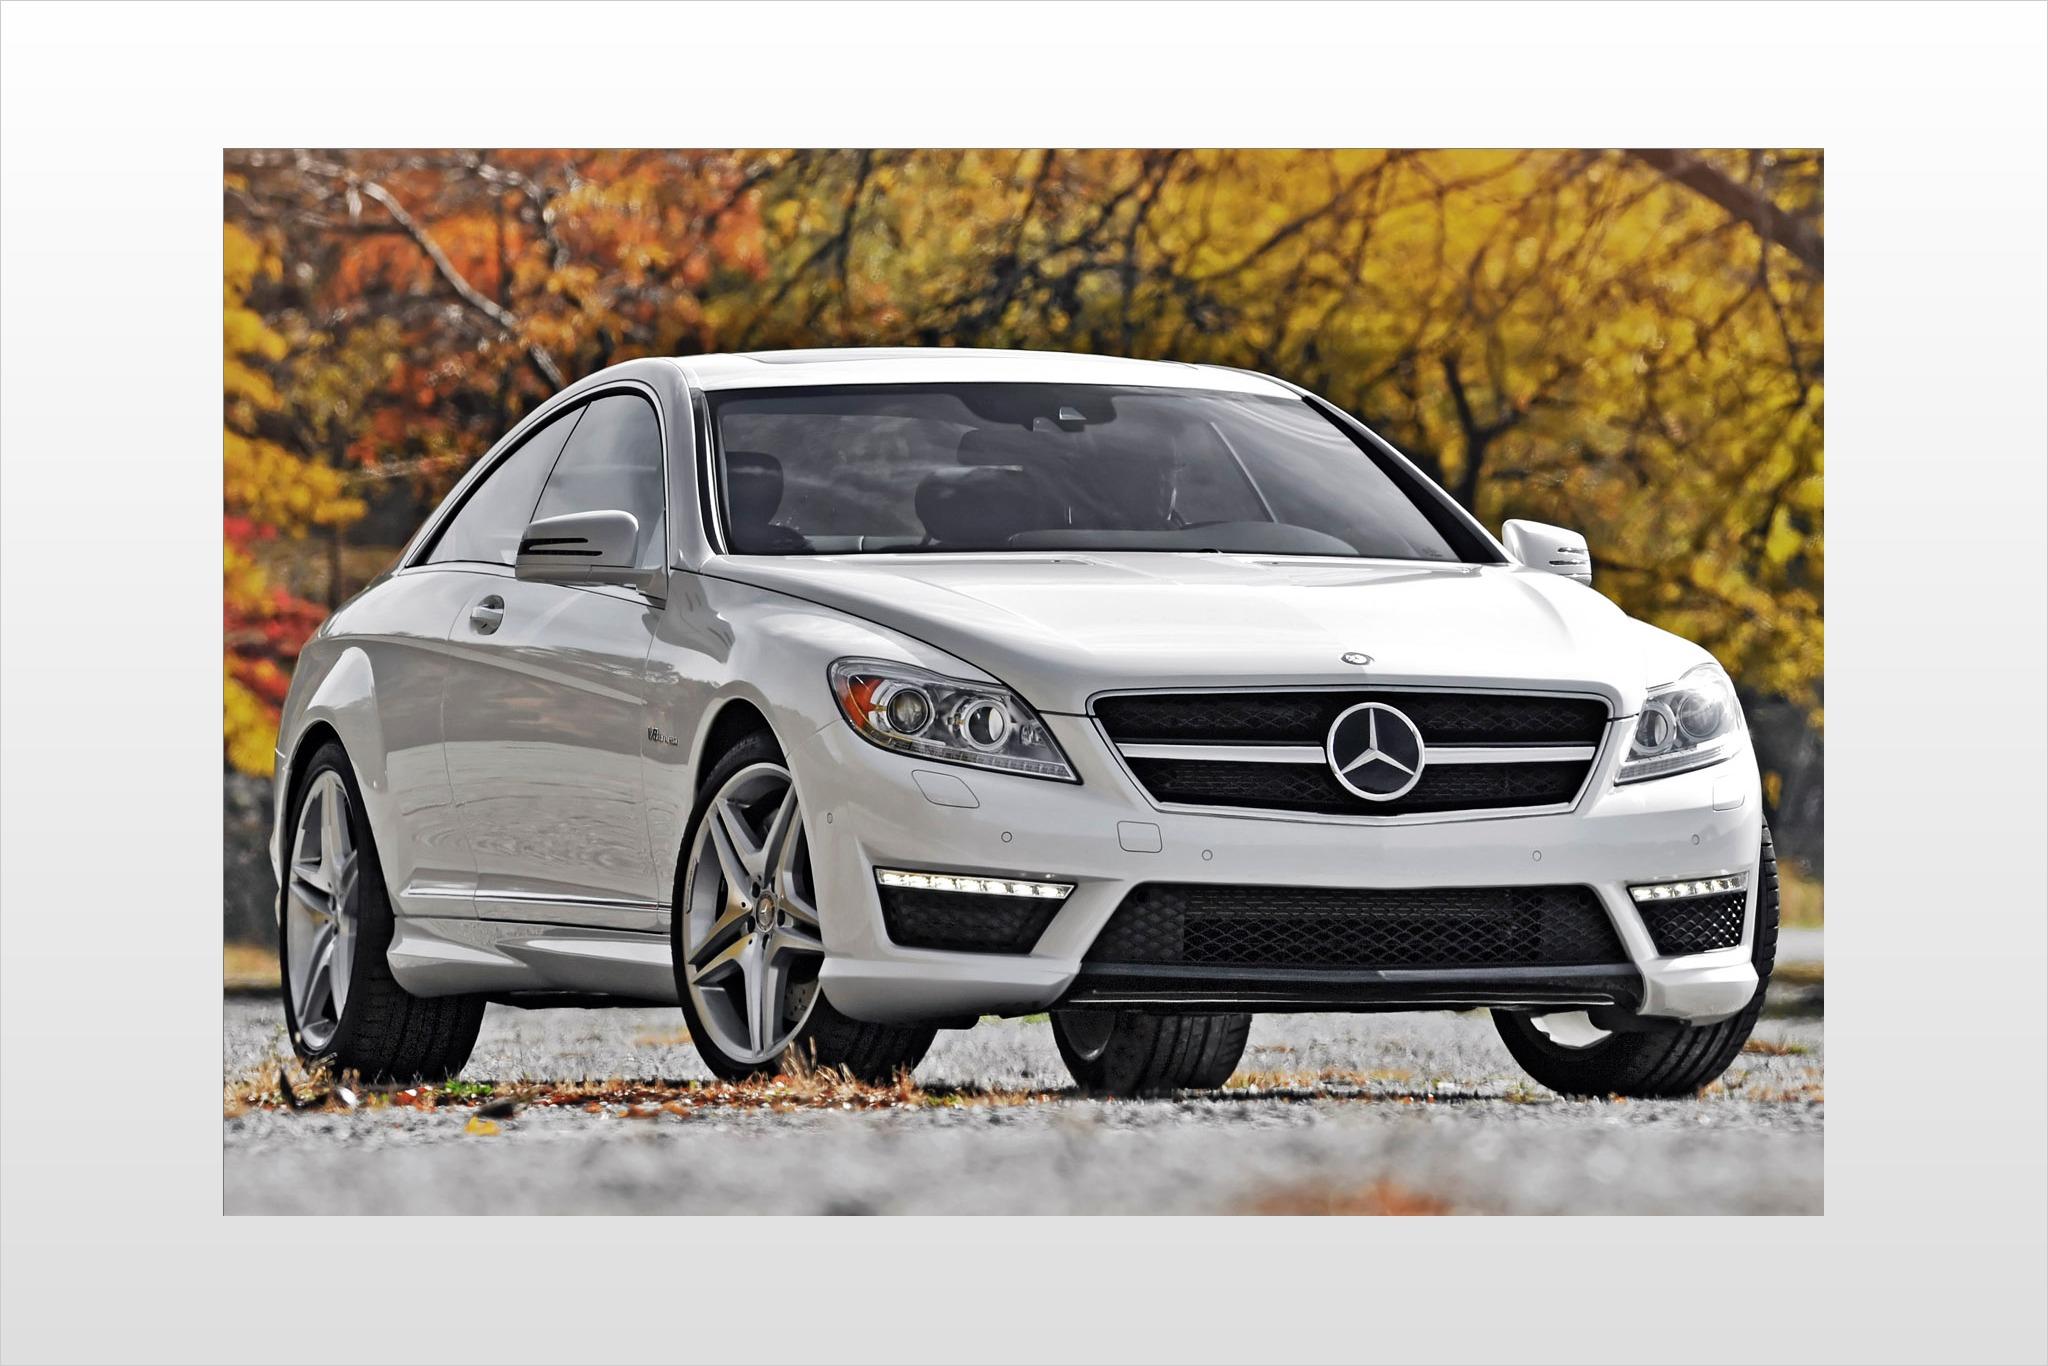 2014 Mercedes Benz Cl Class Image 5